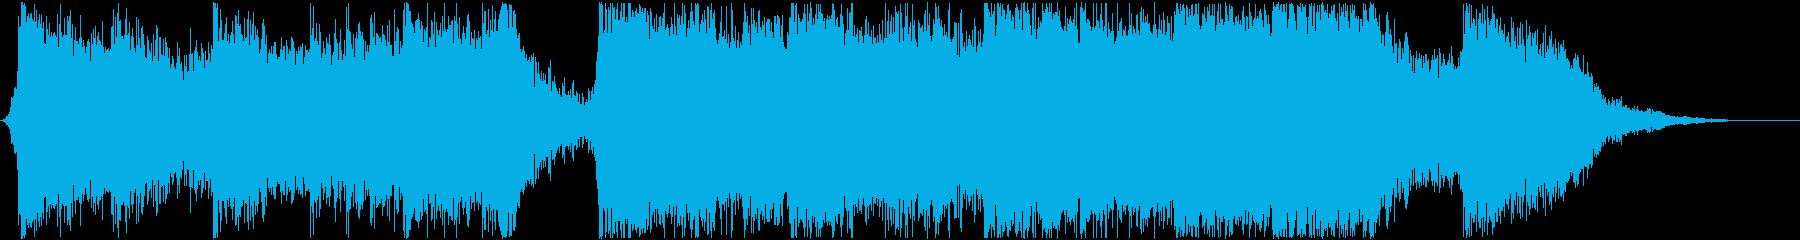 アクションハイブリッドトレイラー30秒の再生済みの波形